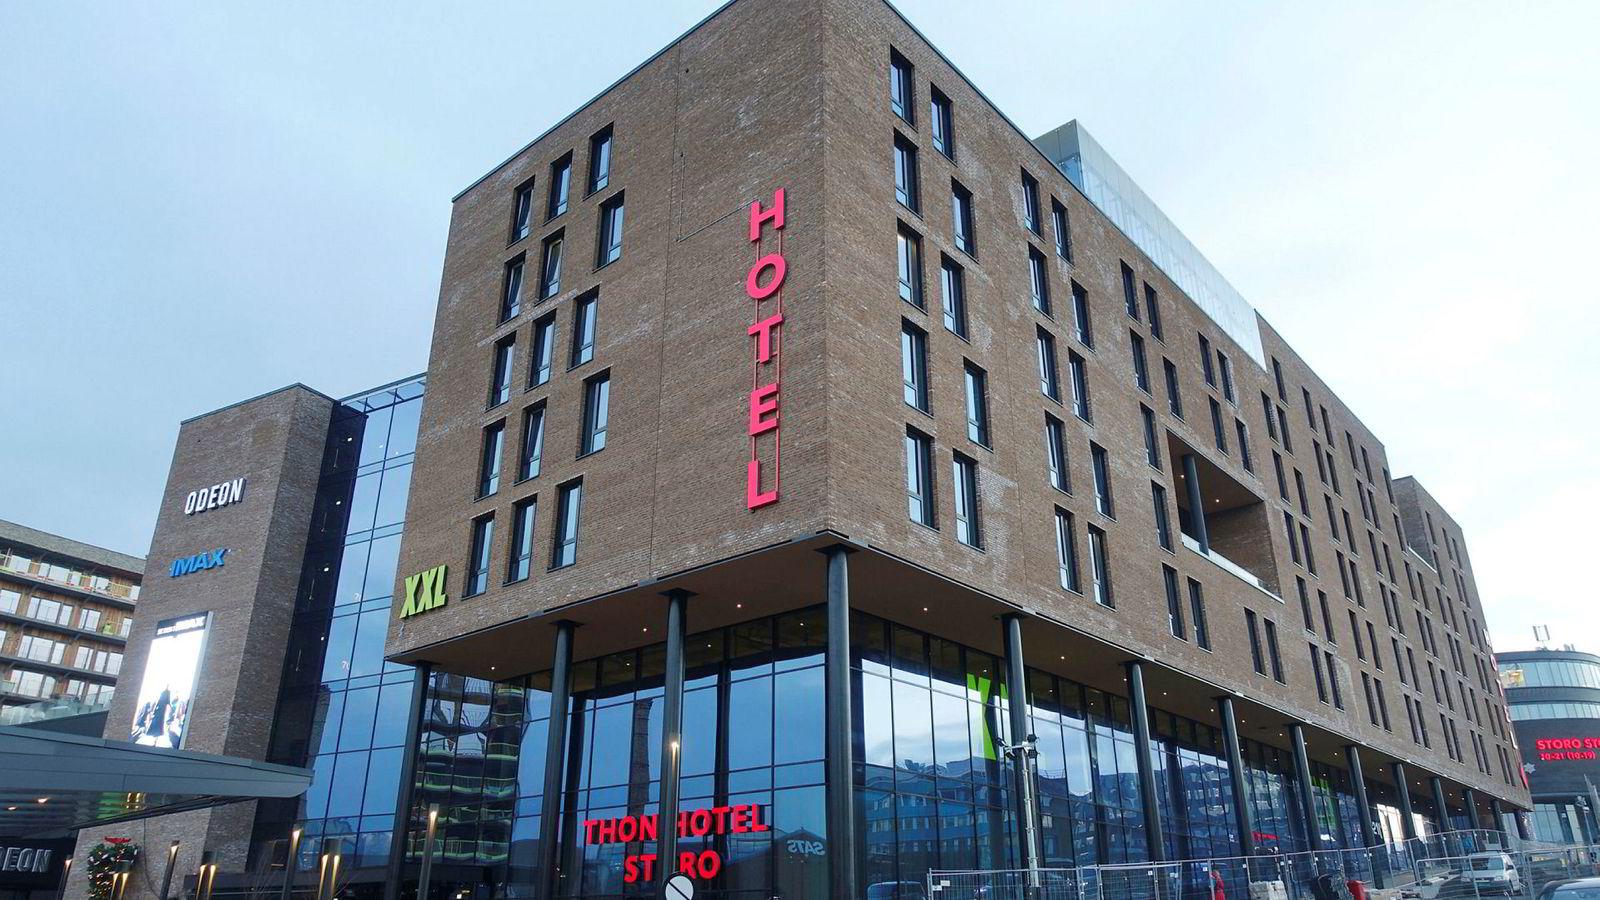 Thon Hotel Storo er blitt den nye storstuen i Nydalen med 325 rom; både større og bedre enn nabohotellet Radisson Blu.